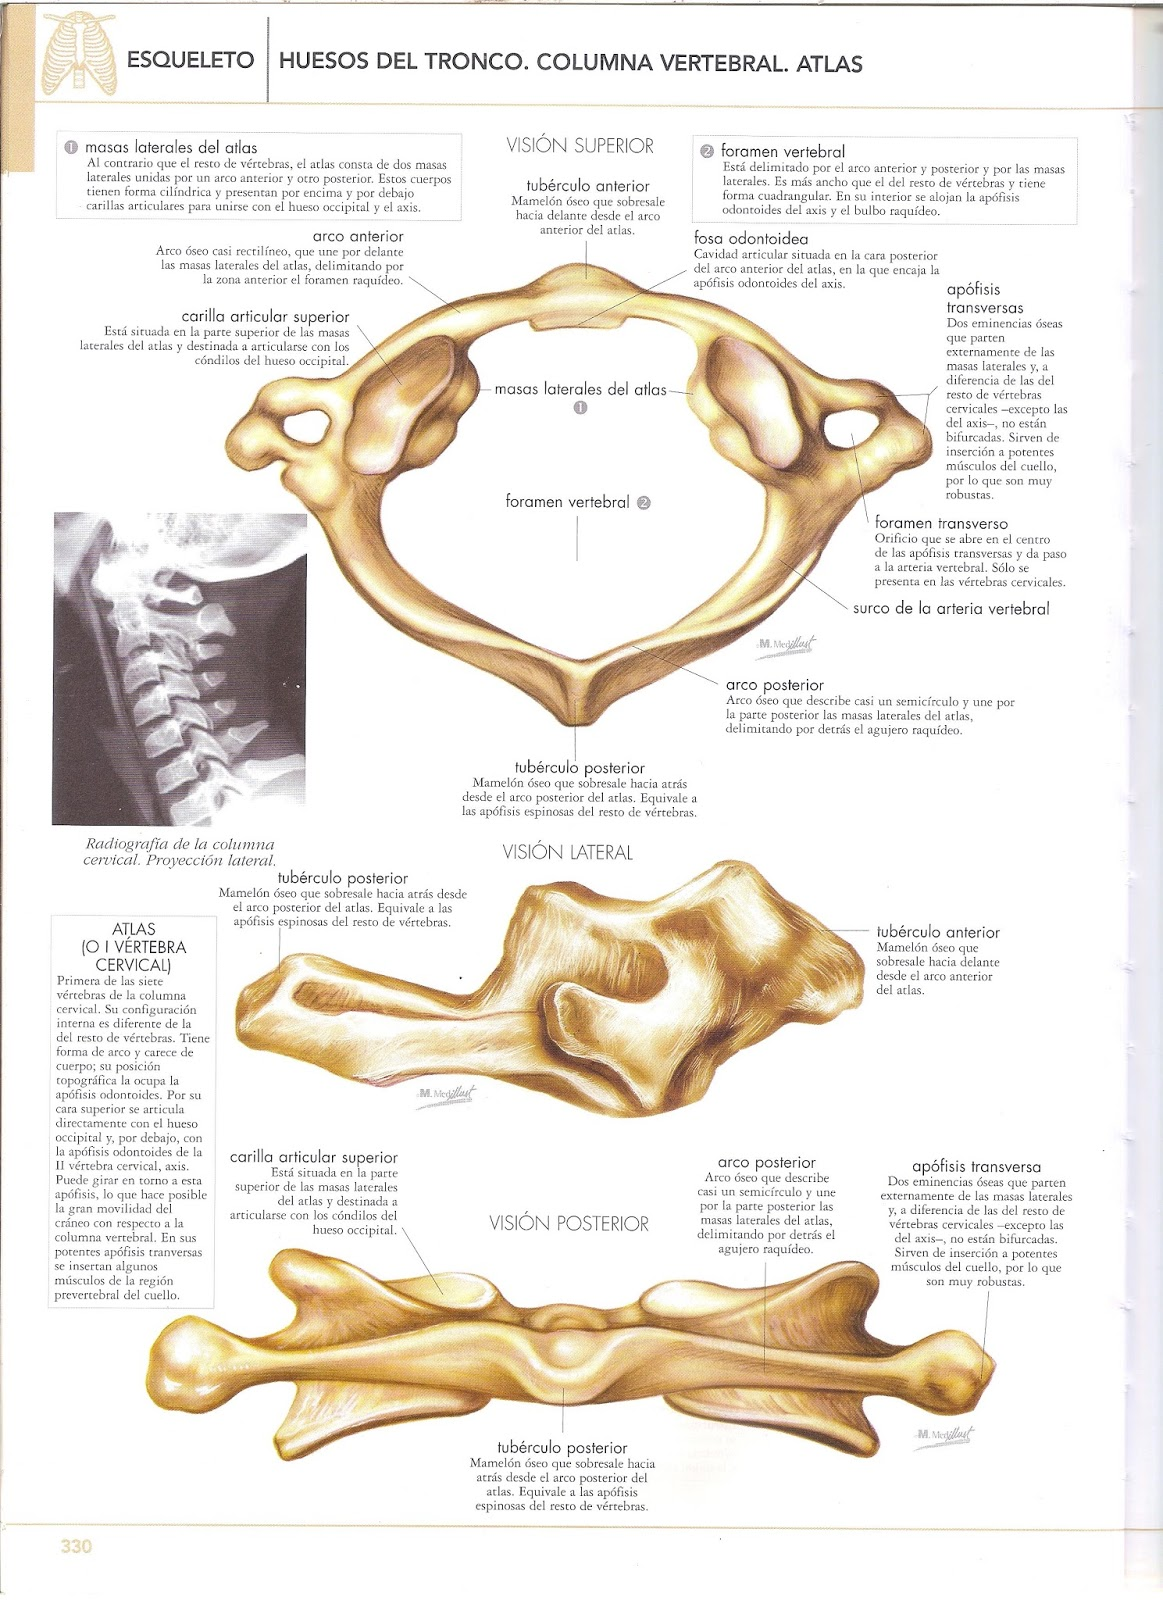 Anatomia del cuerpo humano: columna vertebral